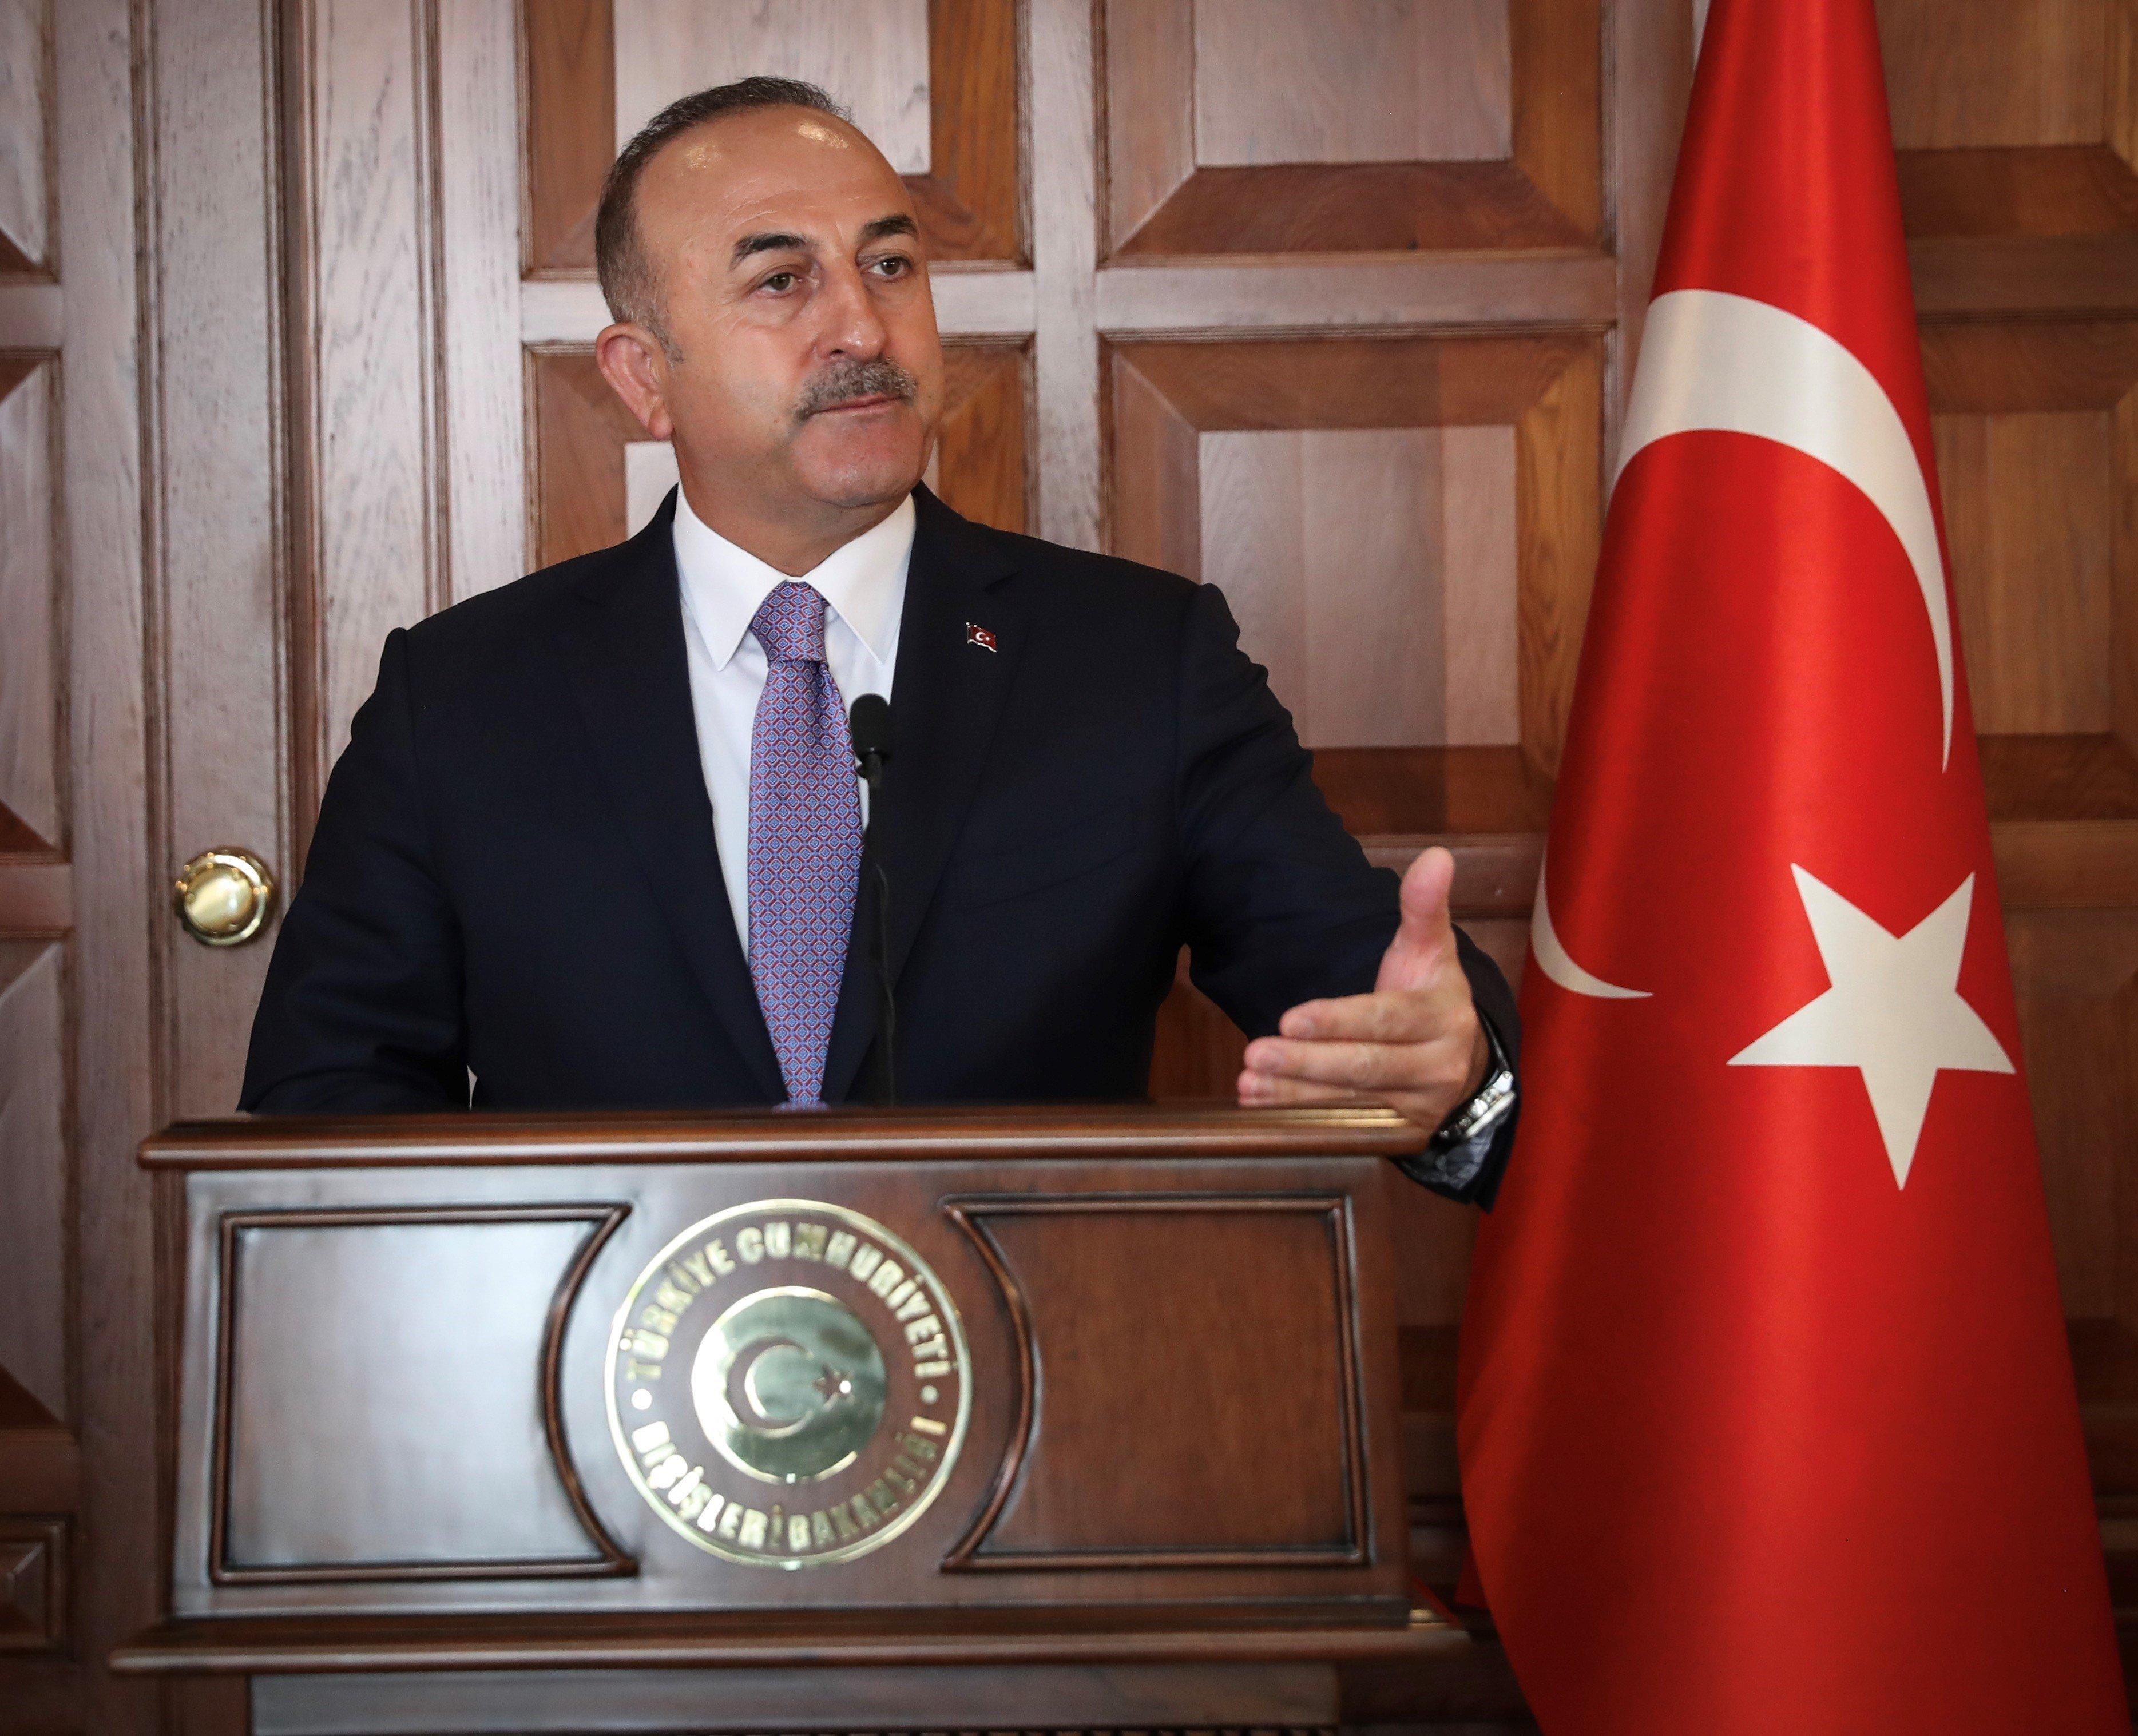 Türkischer Außenminister Cavusoglu verteidigt jüngste Festnahmen von